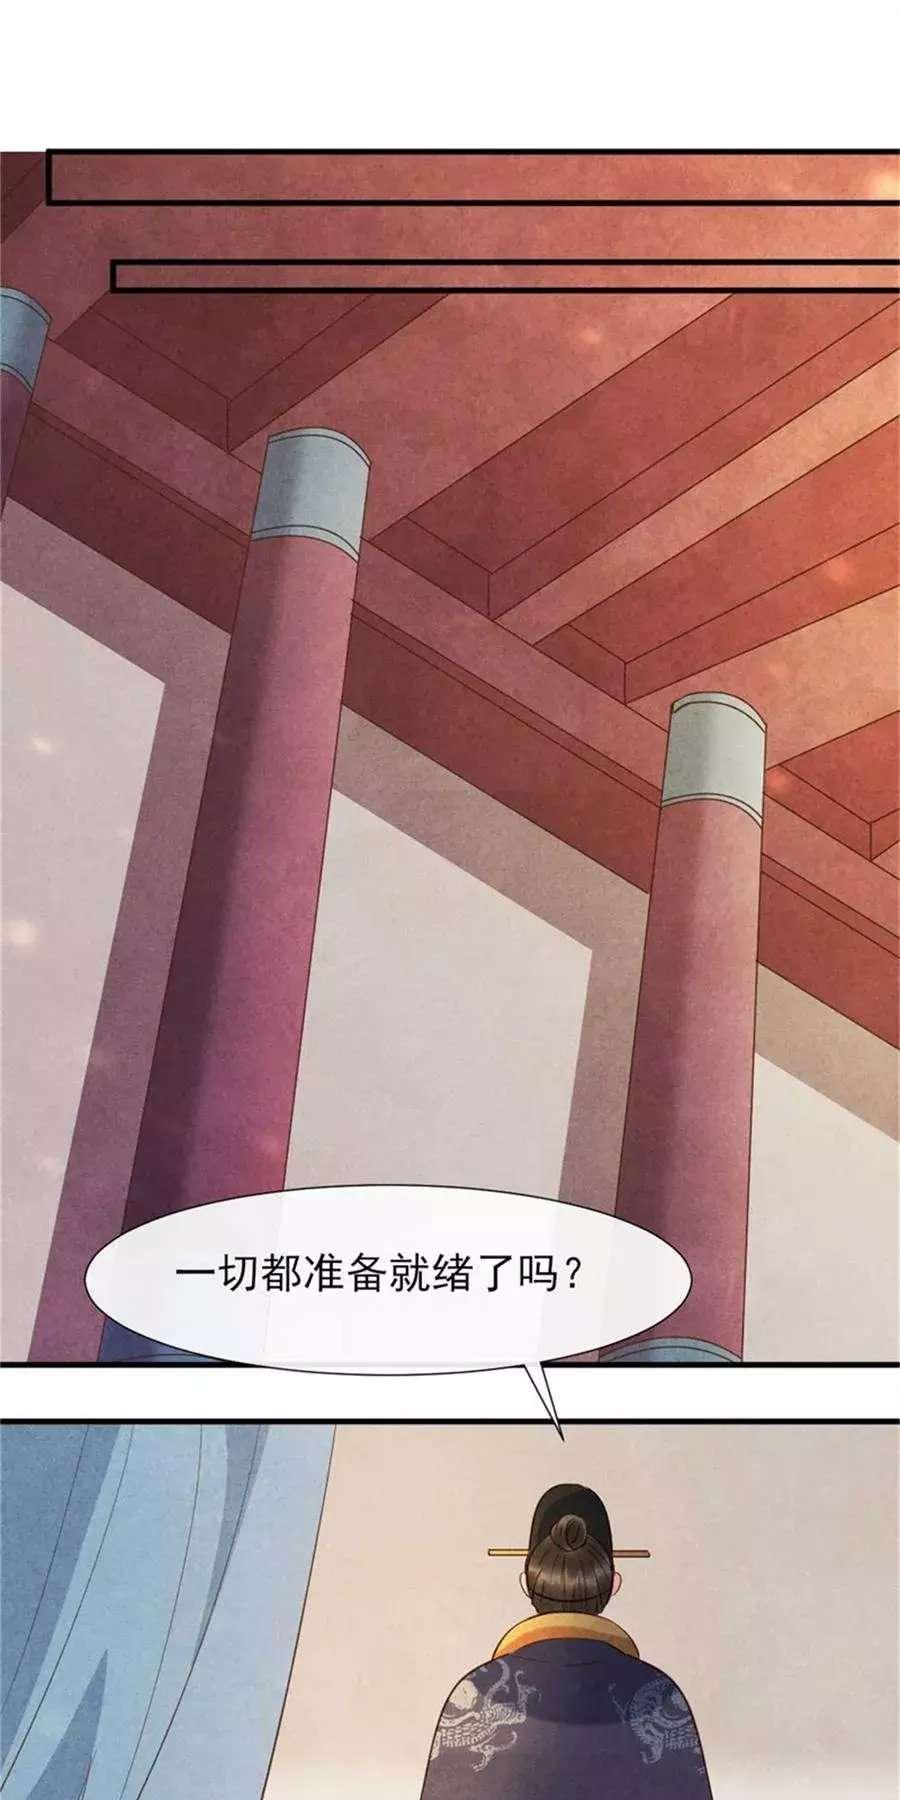 纨绔王妃要爬墙第18话  第18话 给风情的情书? 第 30